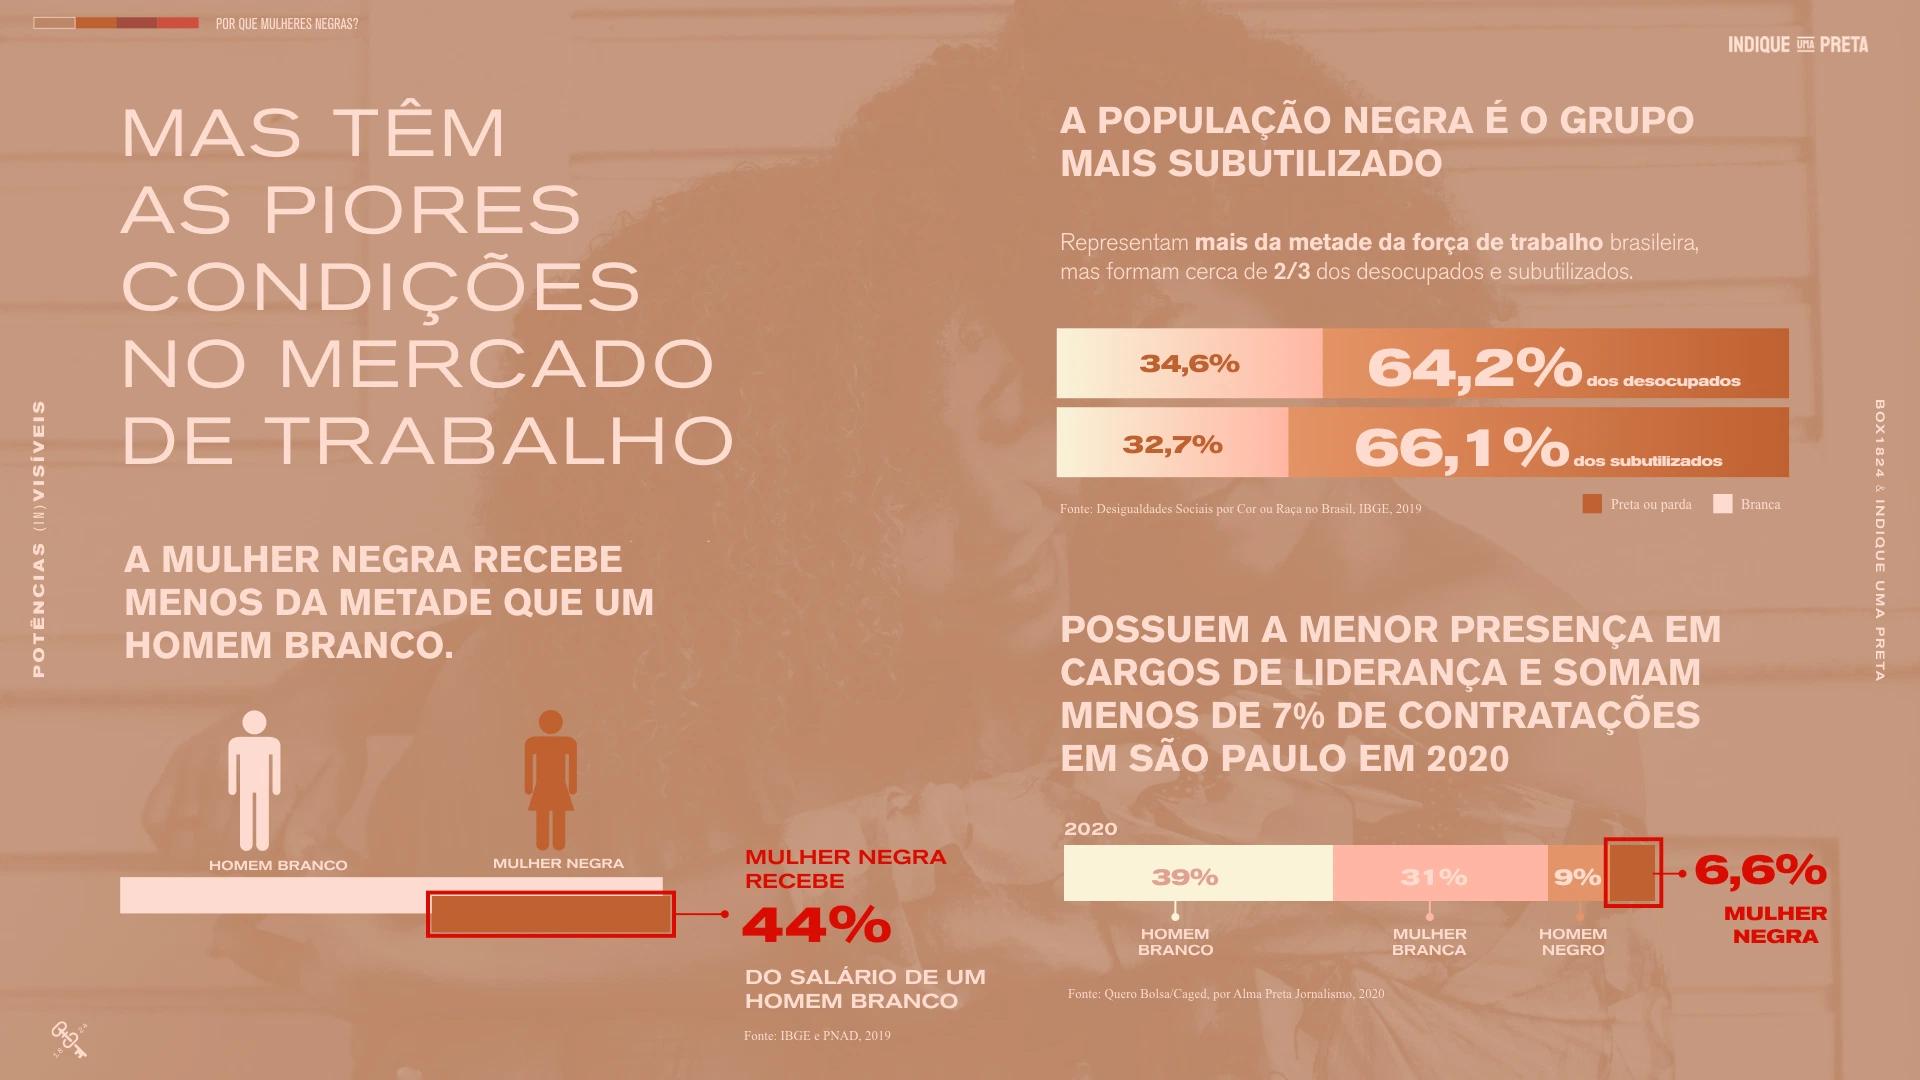 Apesar de serem o maior grupo social do país, representando 28% da população brasileira, elas sofrem as piores condições no mercado de trabalho.